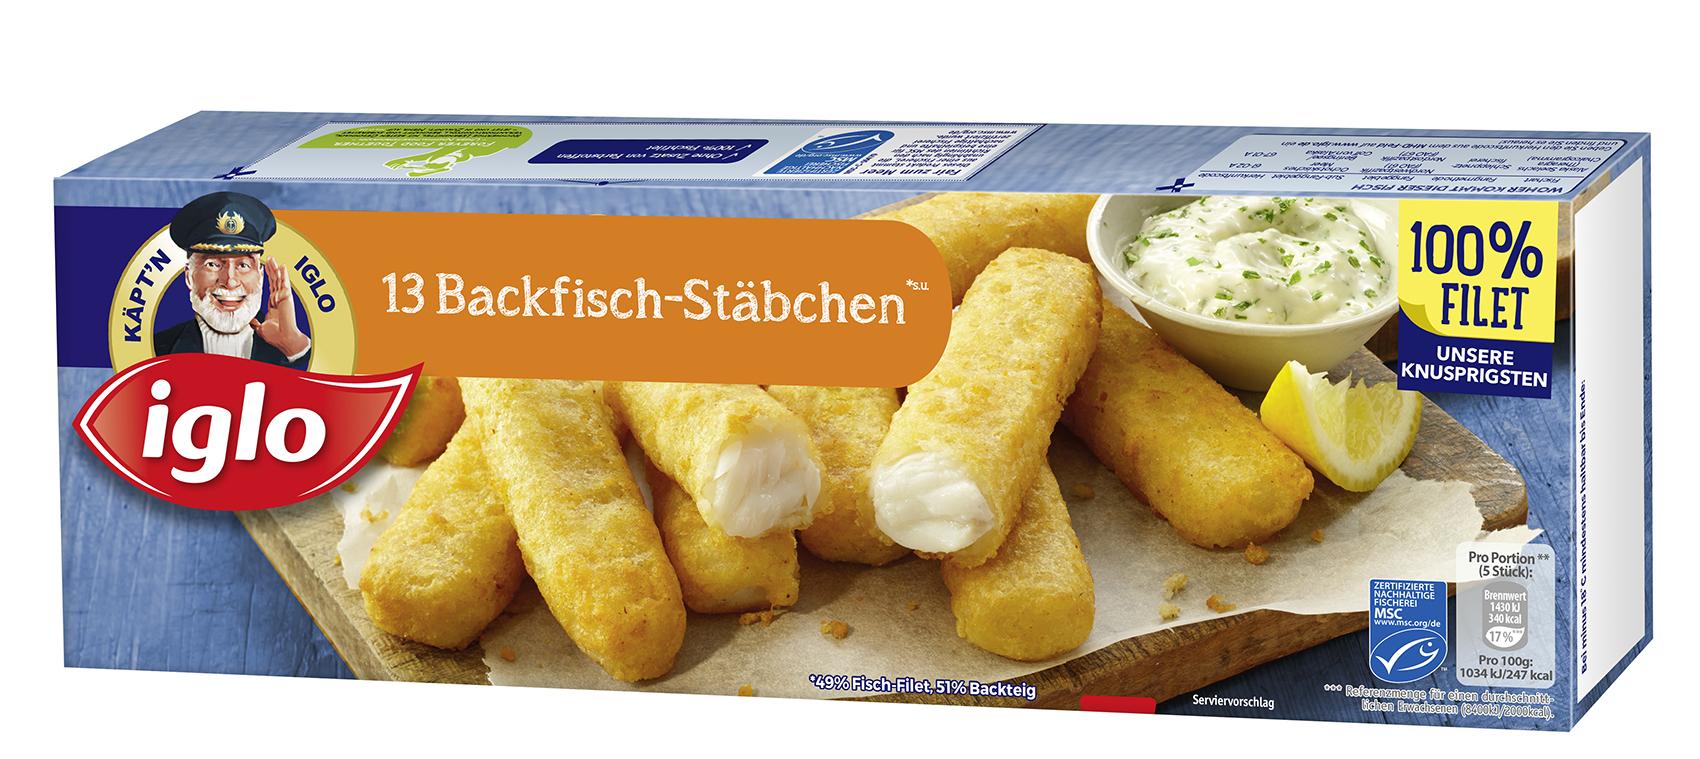 13_Backfischst_20170111